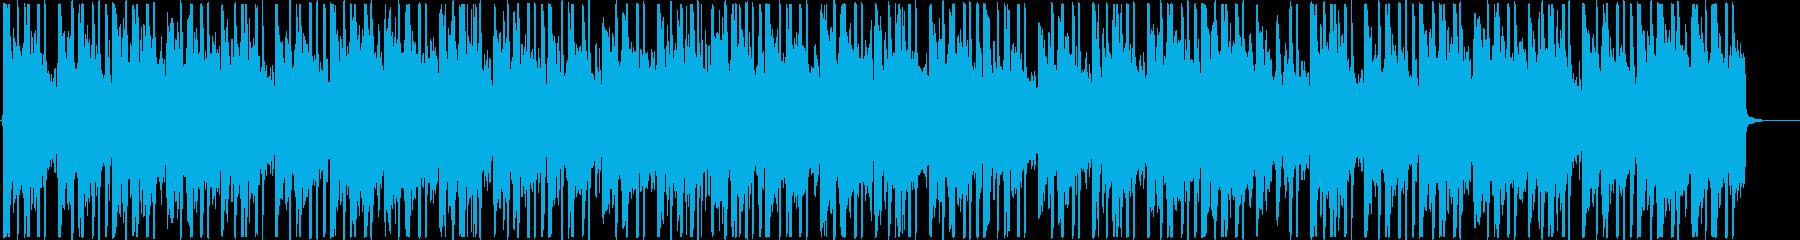 チルアウト R&B HIPHOPの再生済みの波形